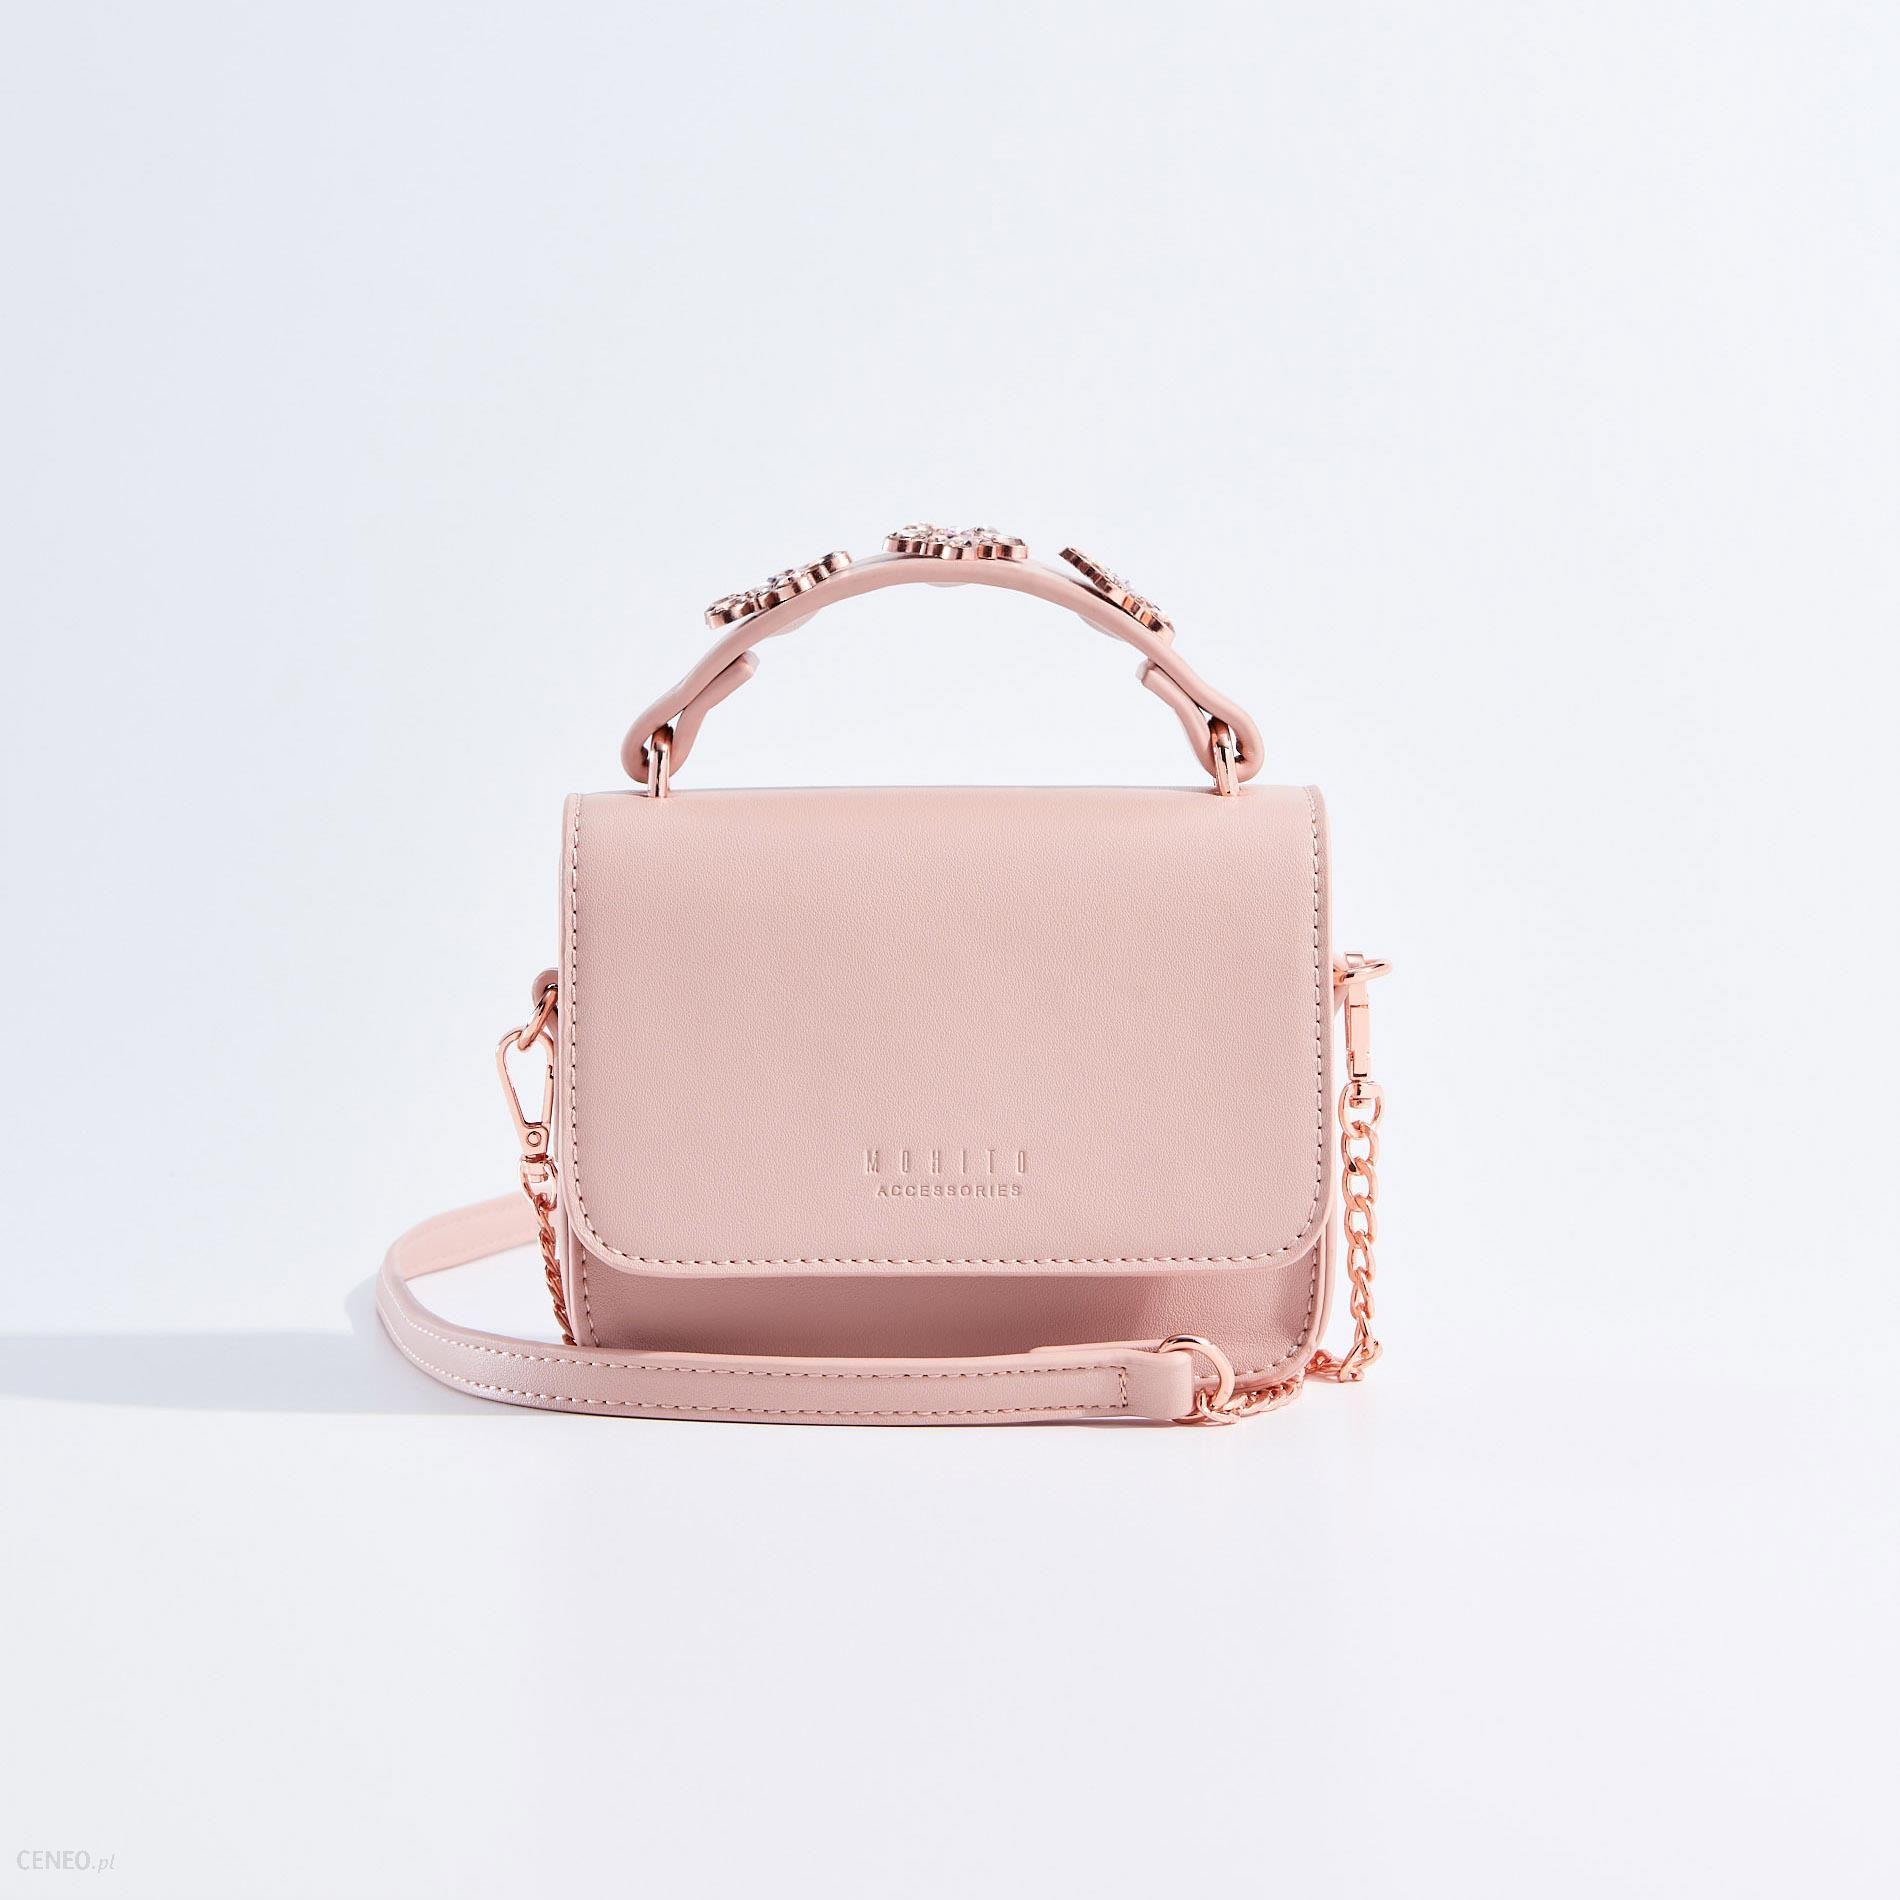 408cd1e1bb0e1 Mohito - Mini torebka dla dziewczynki little princess - Różowy - zdjęcie 1